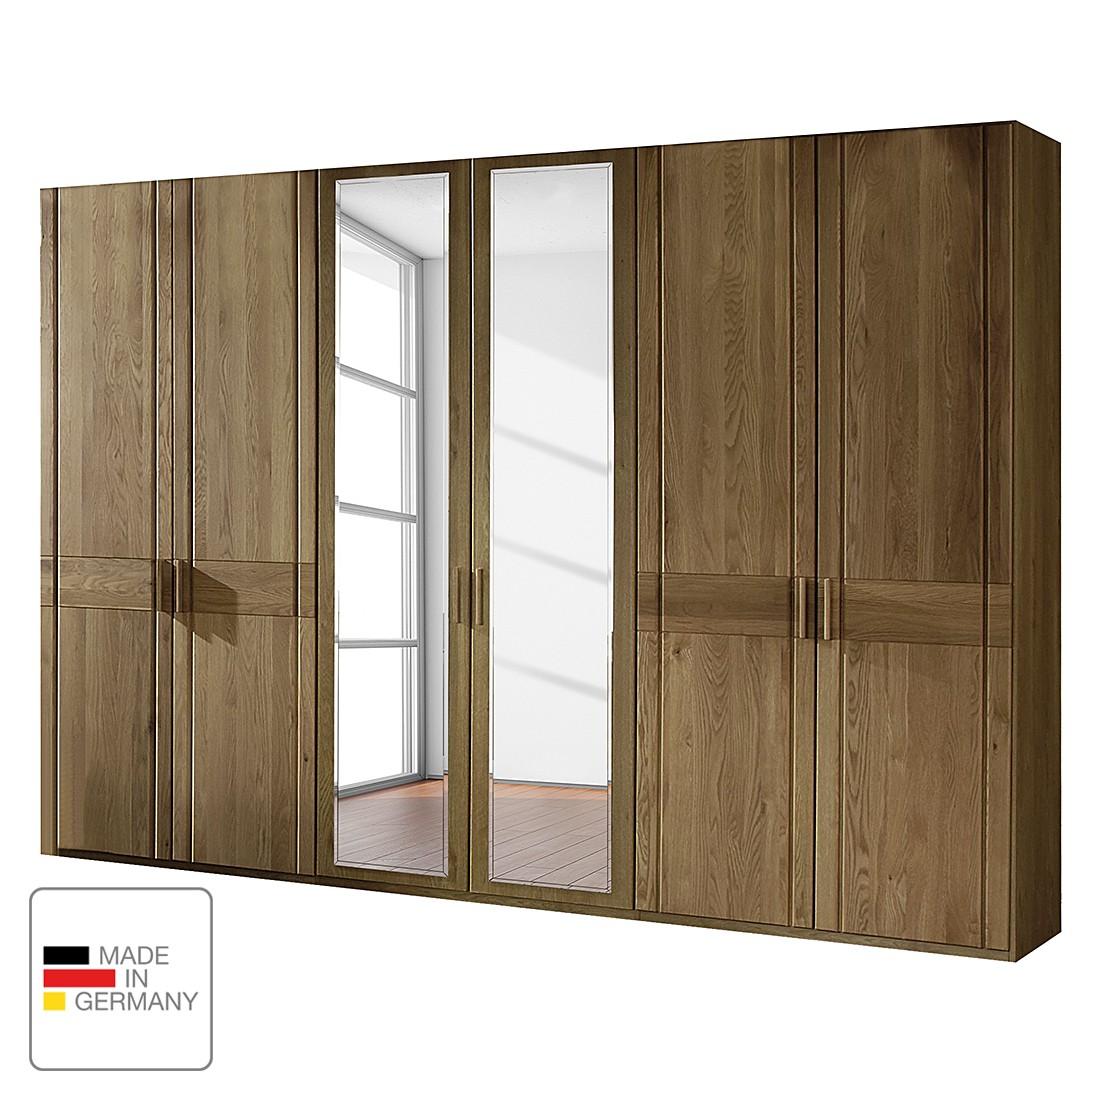 goedkoop Draaideurkast Münster deels massief eikenhout Zonder verlichting 150cm 3 deurs 1 spiegeldeur Zonder kroonlijst Wiemann